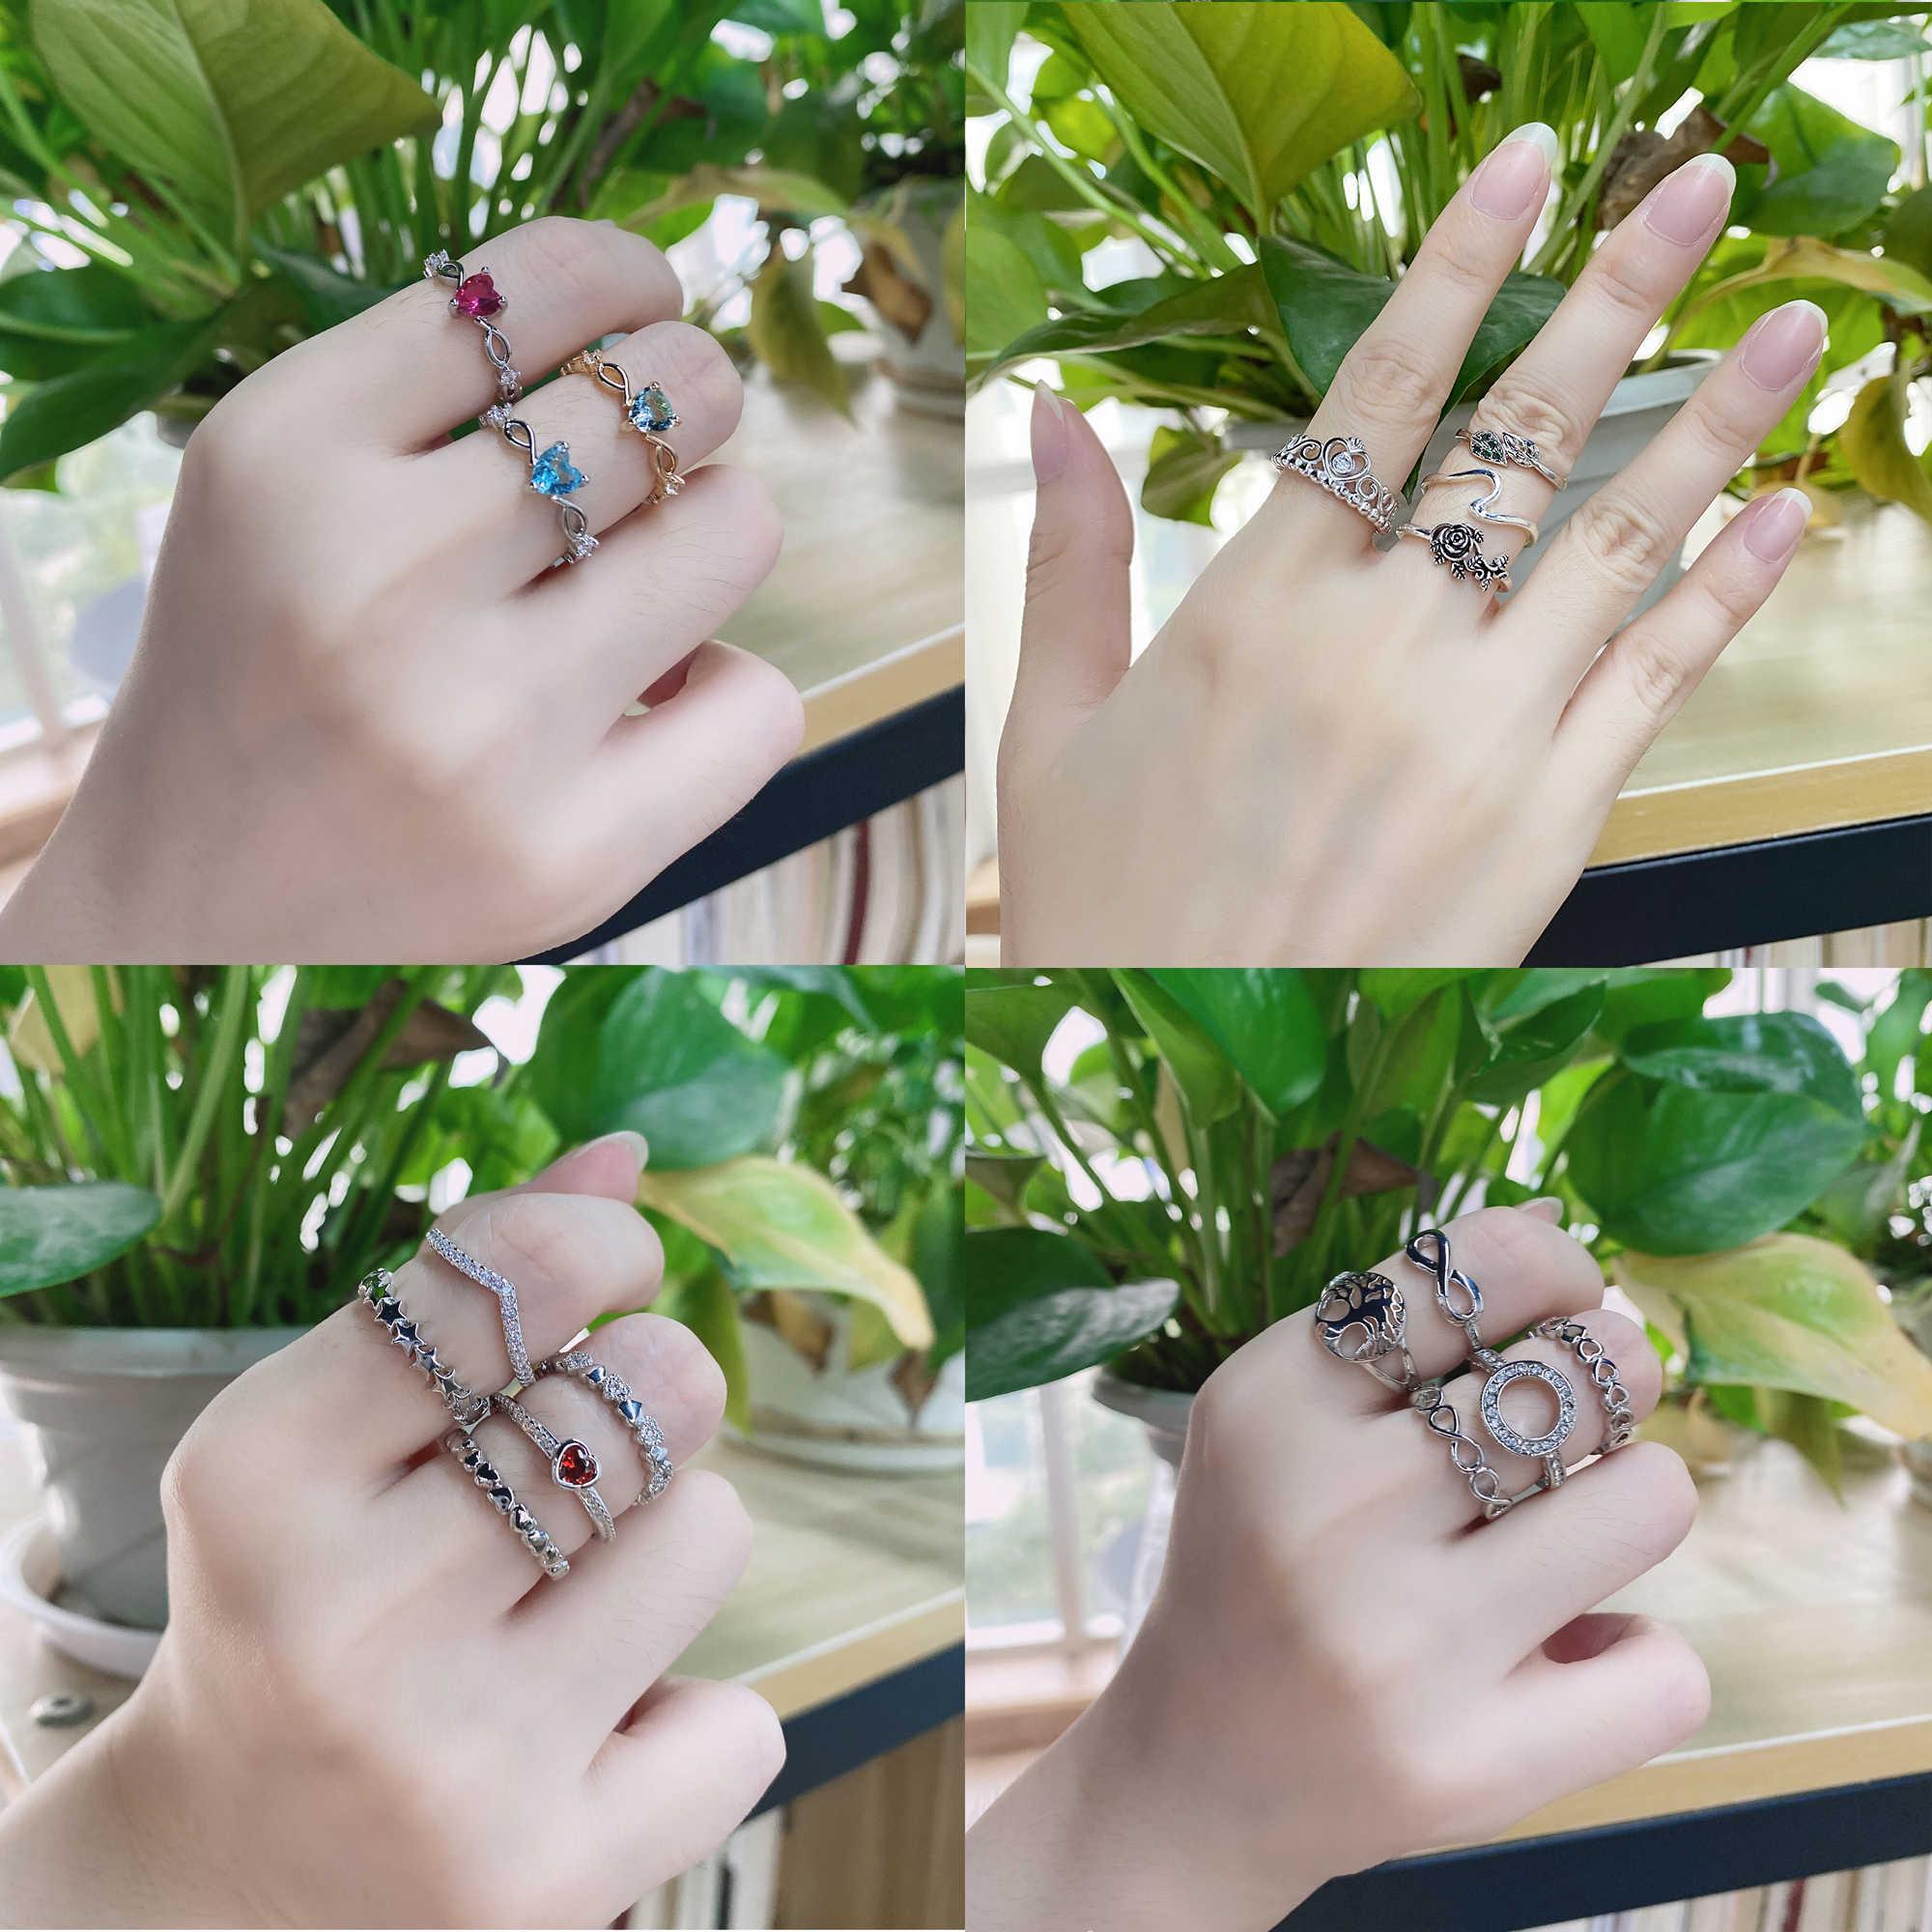 Nova moda cor de prata anel de cobre amor coração coroa anéis de dedo claro cz empilhável para mulheres jóias de casamento presente dropship